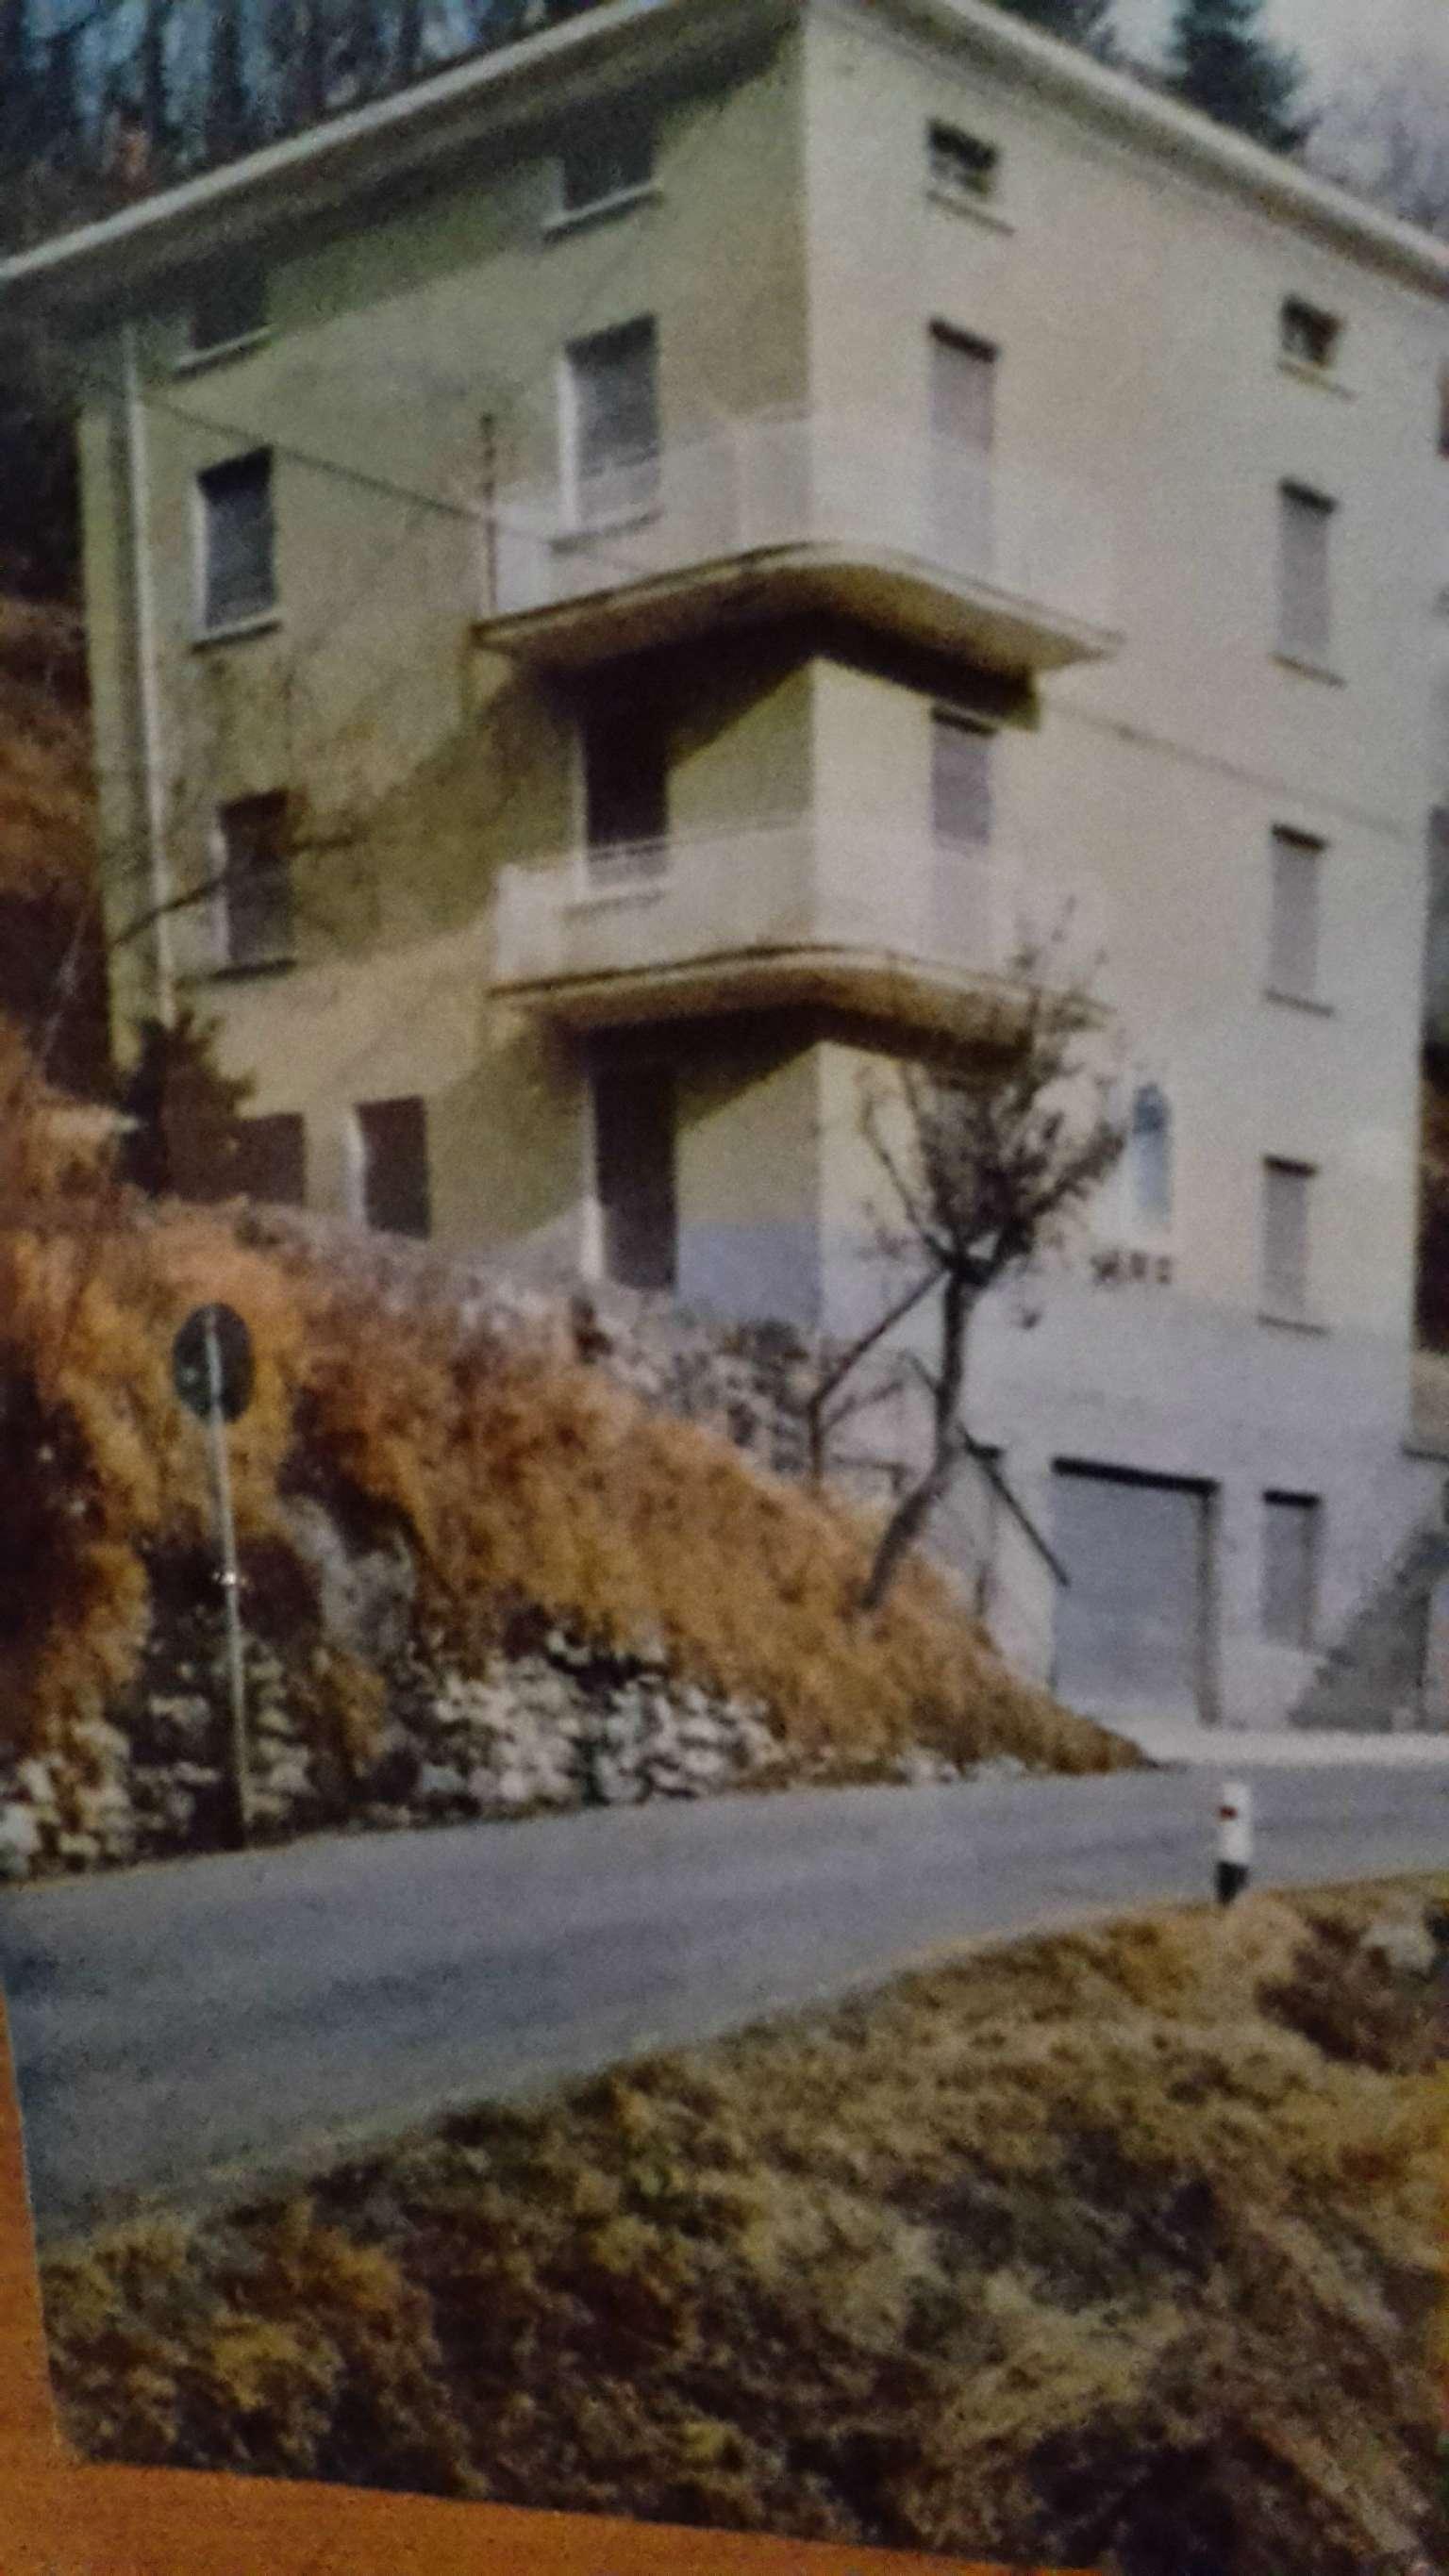 Appartamento in vendita a Rezzoaglio, 2 locali, prezzo € 60.000 | CambioCasa.it